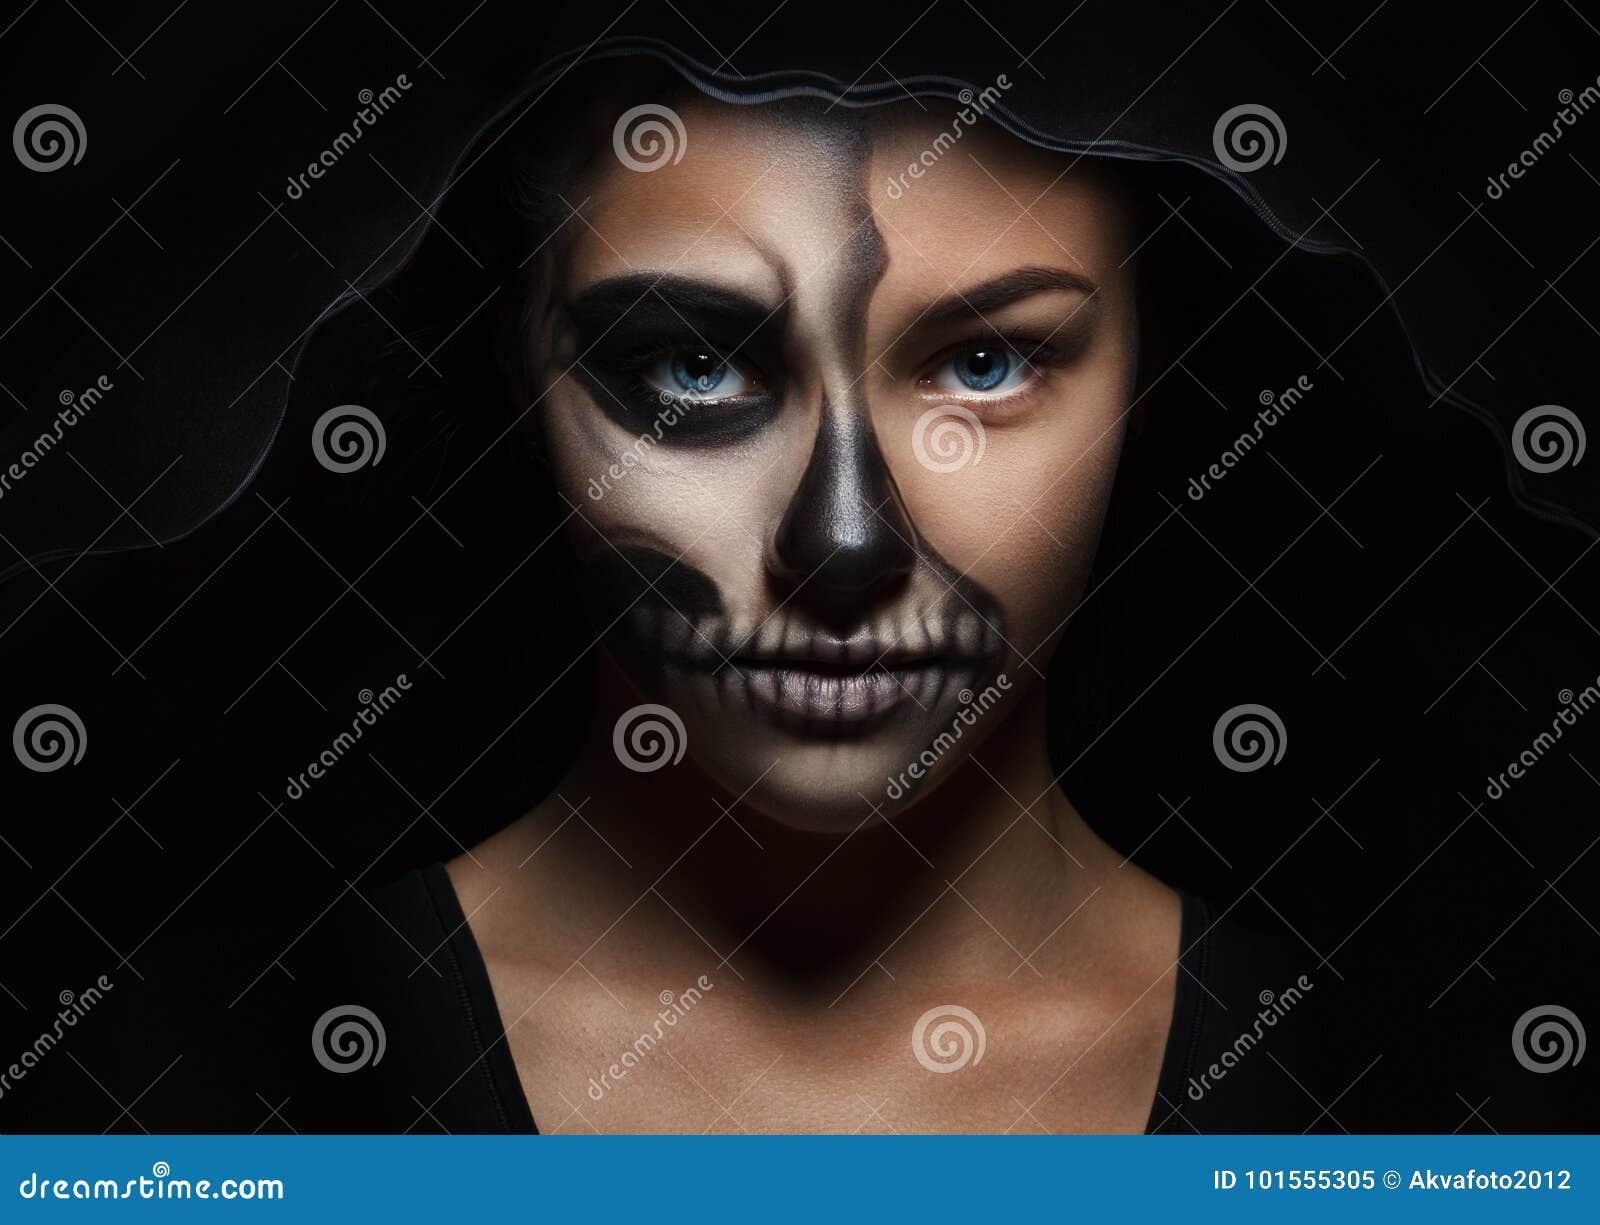 Ritratto di Halloween di giovane bella ragazza in un cappuccio nero trucco di scheletro